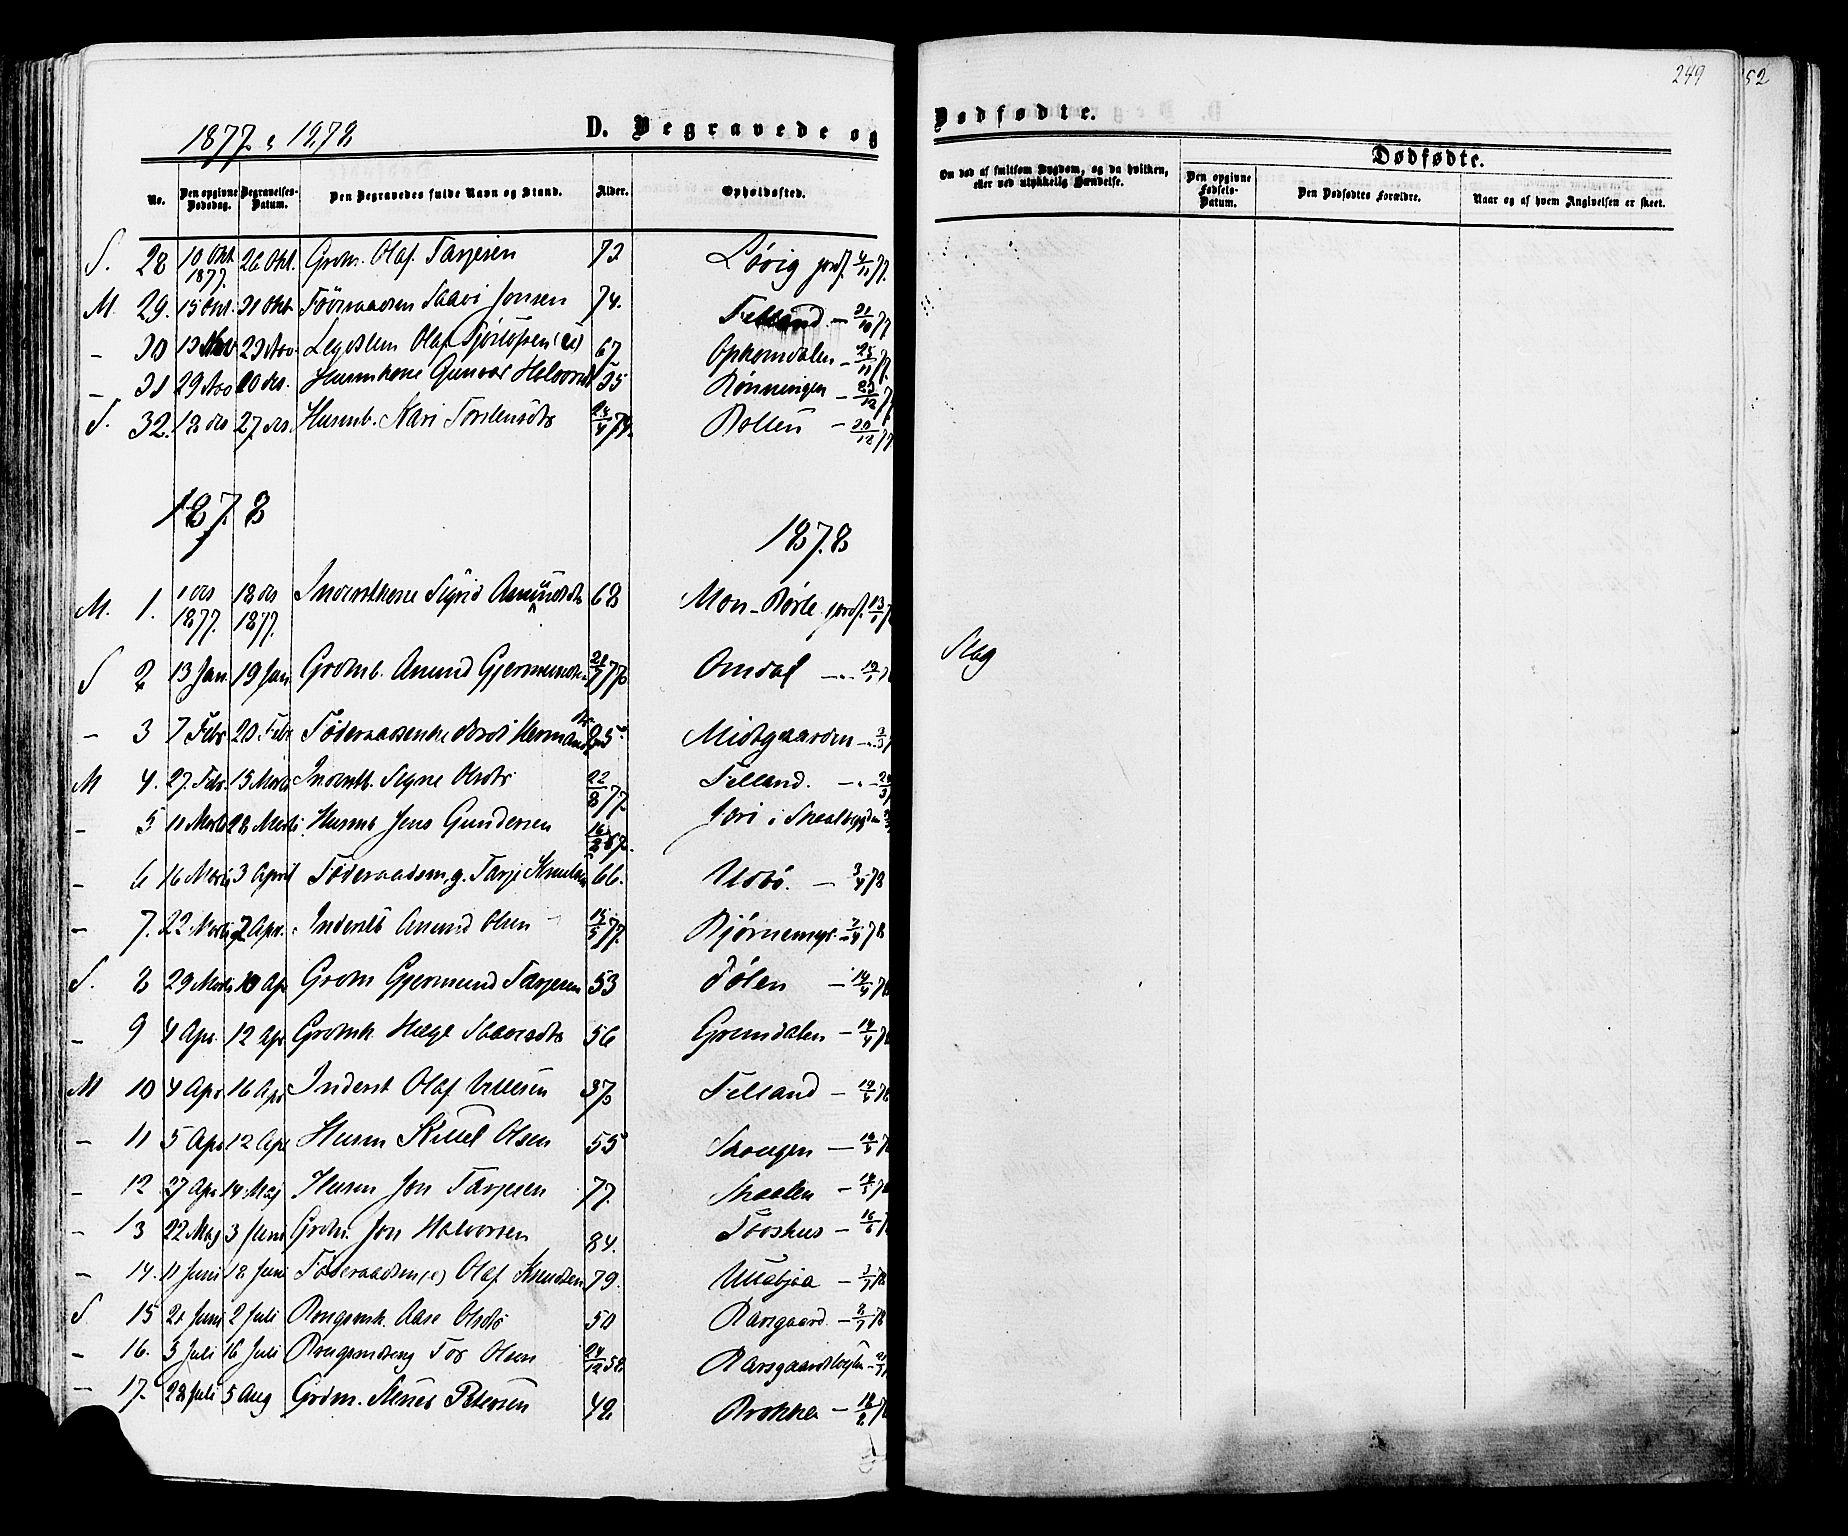 SAKO, Mo kirkebøker, F/Fa/L0006: Ministerialbok nr. I 6, 1865-1885, s. 249